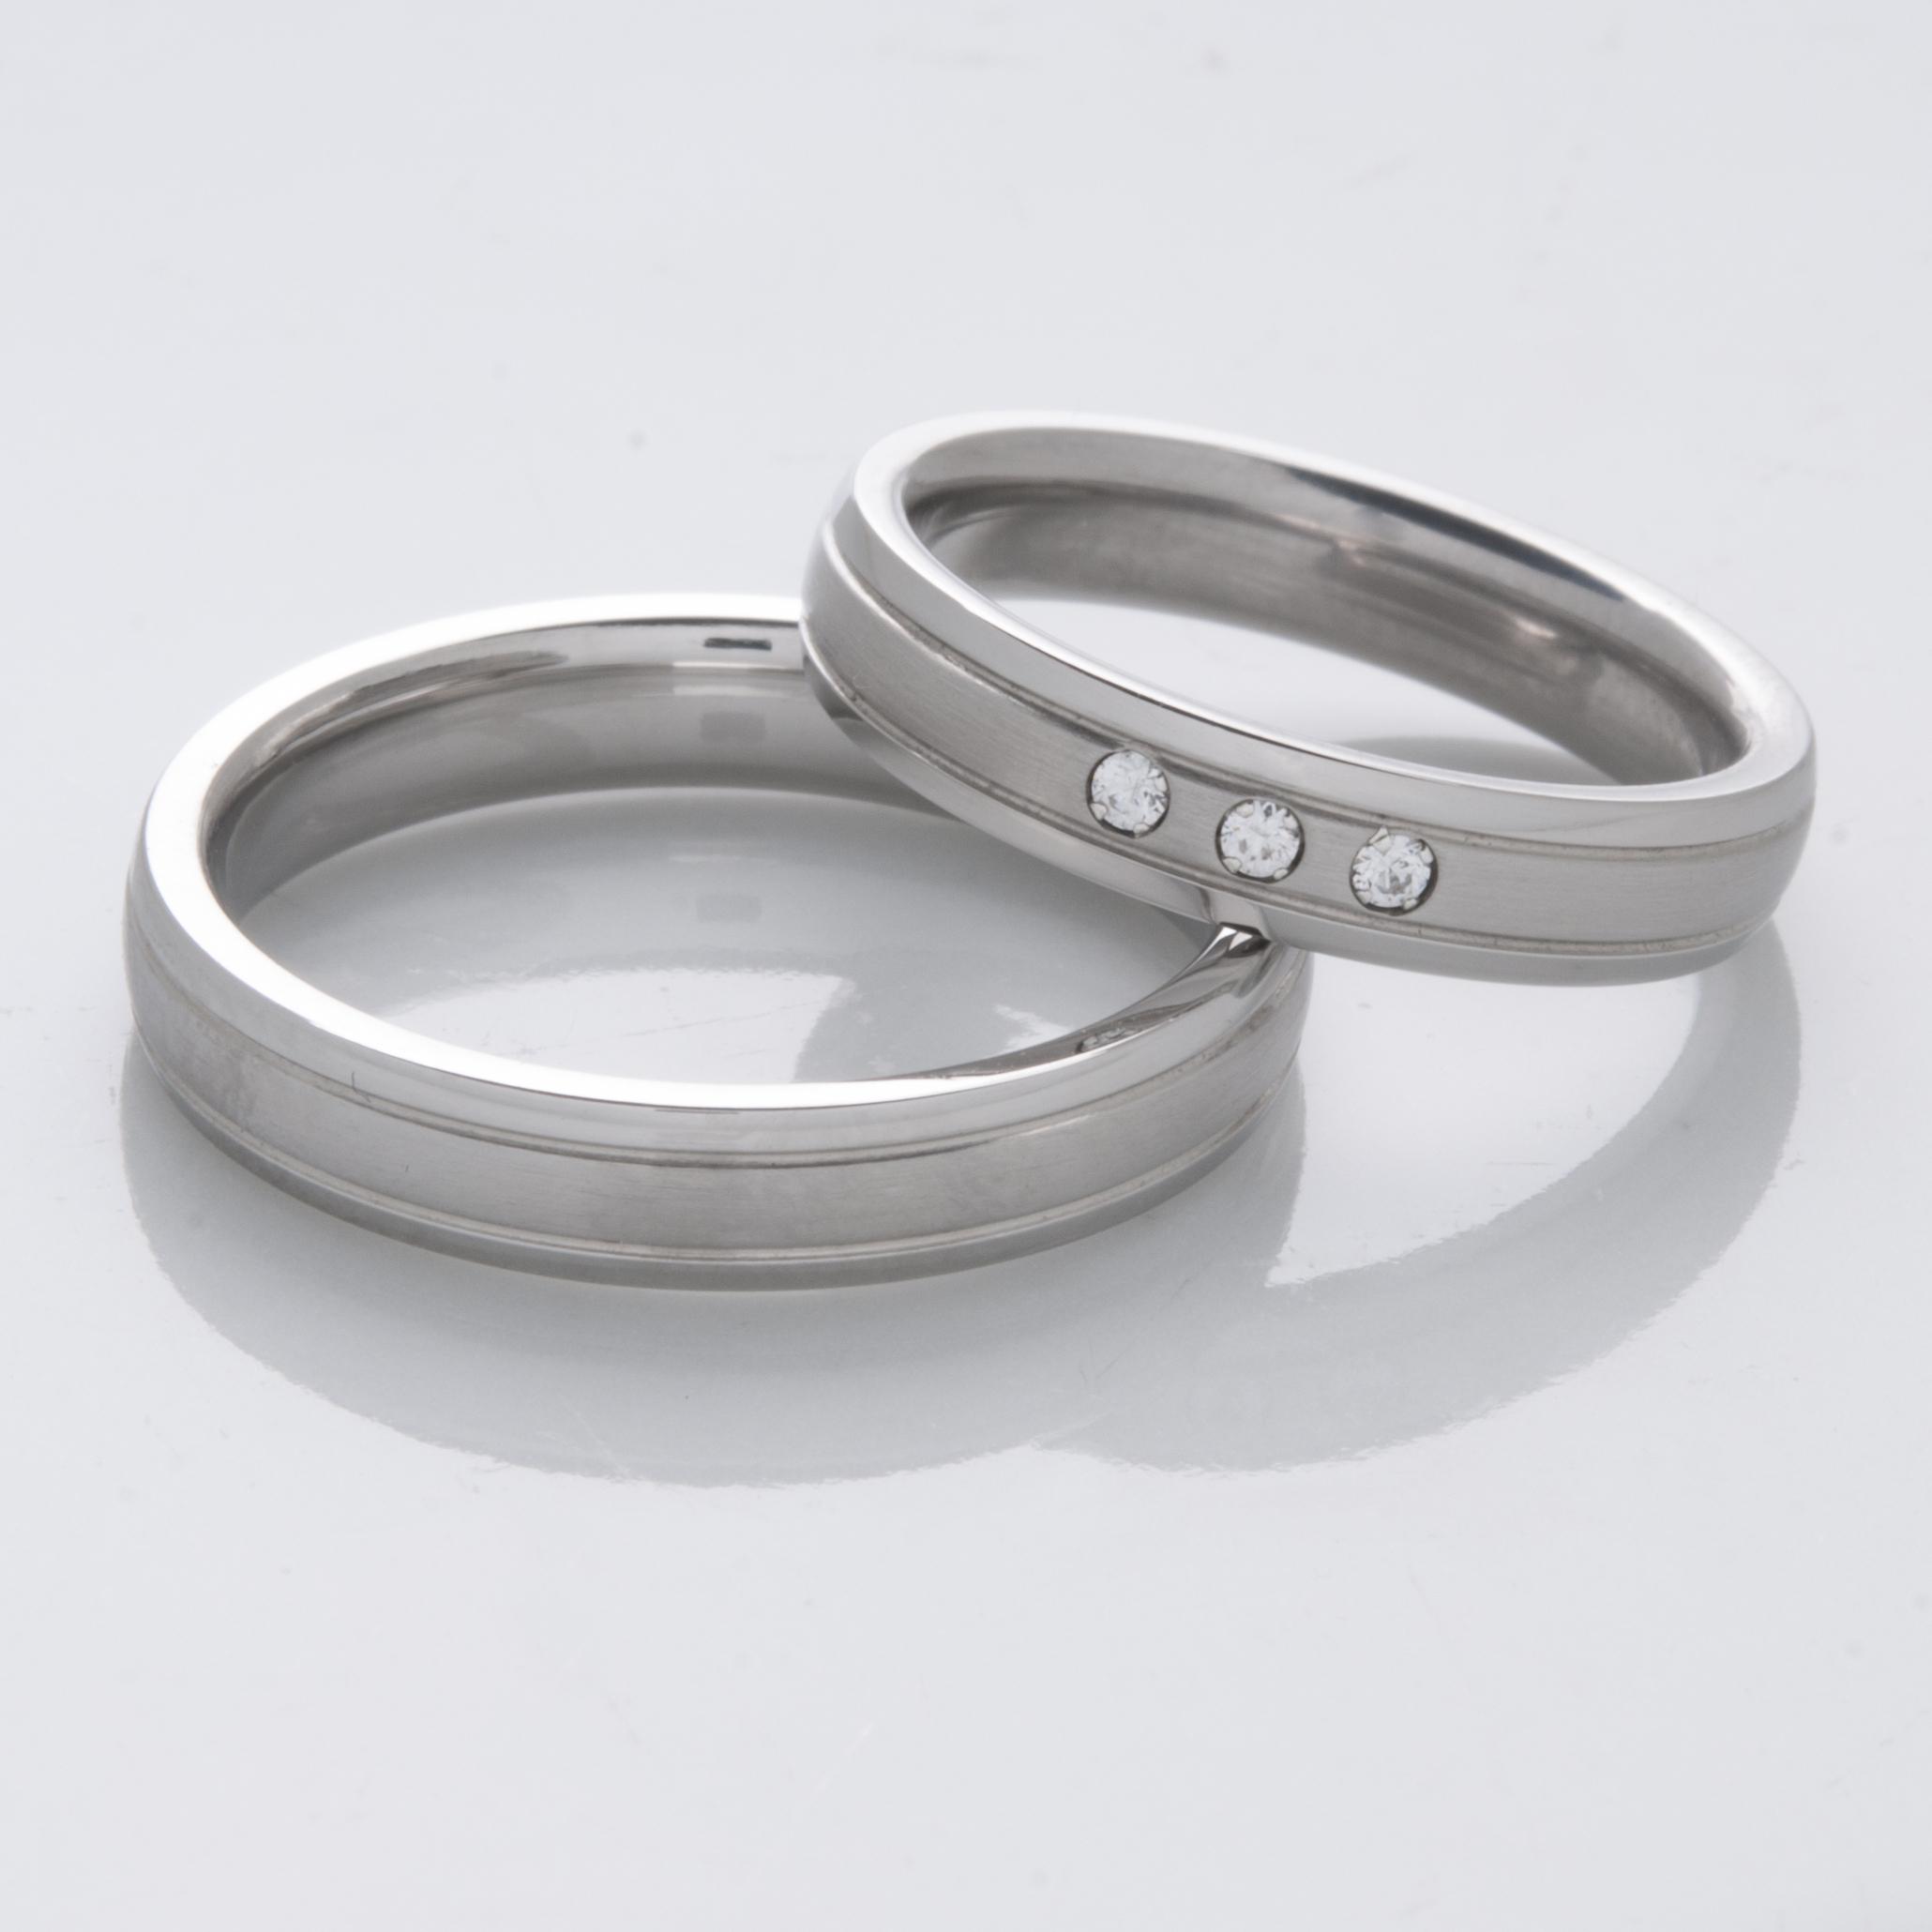 Snubní Titanové prsteny JT003